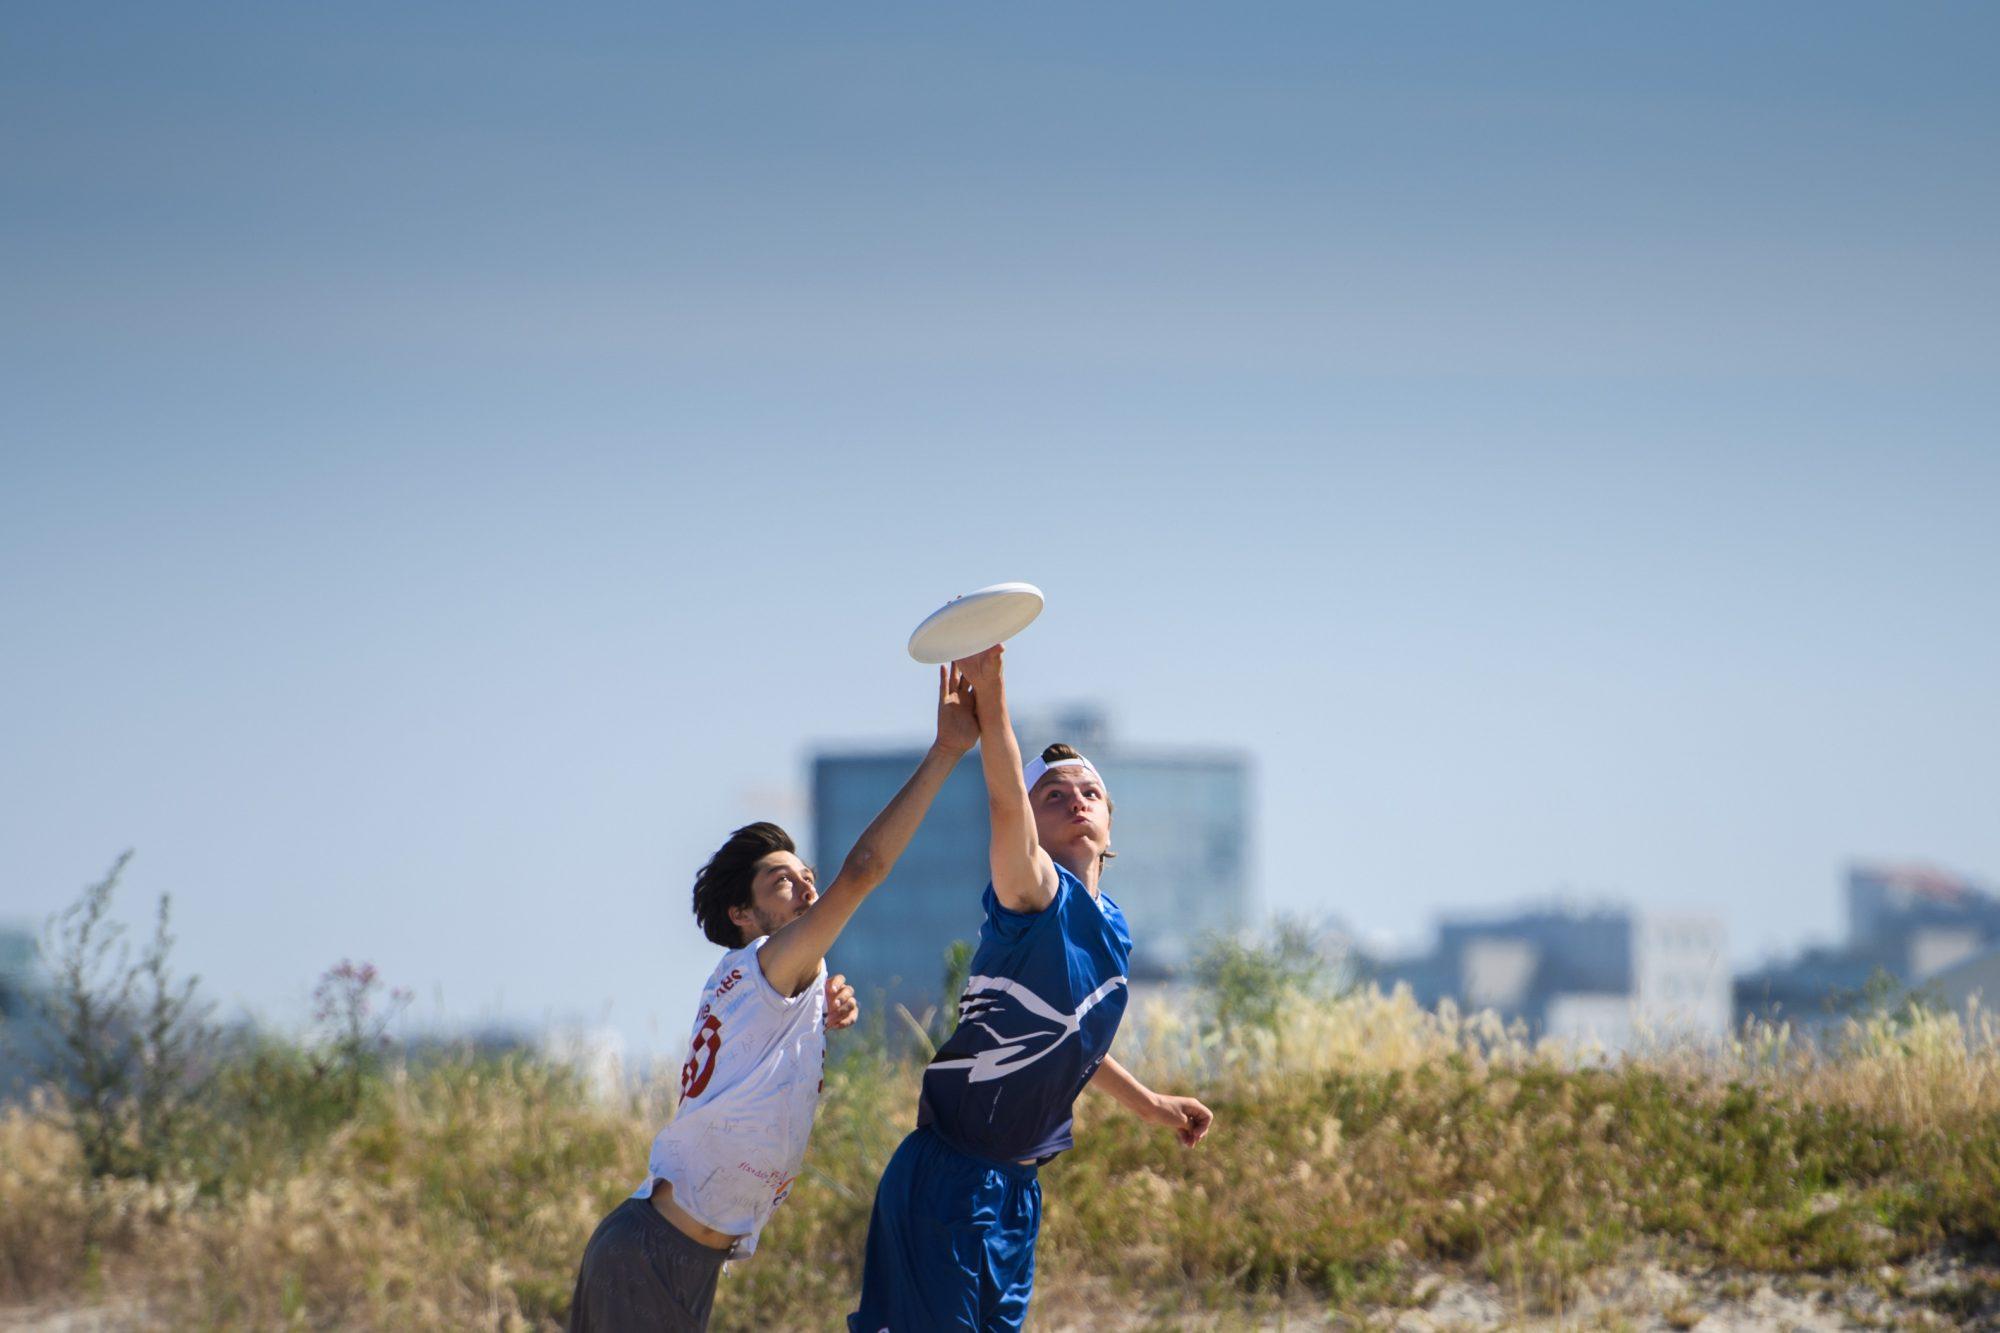 Elliot Nanasi, Akka och Lawrence Mann, DTU och under match i Beach Ultimate Frisbee mellan DTU och Akka under dag 4 av SM-veckan den 29 juni 2019 i Malmö.